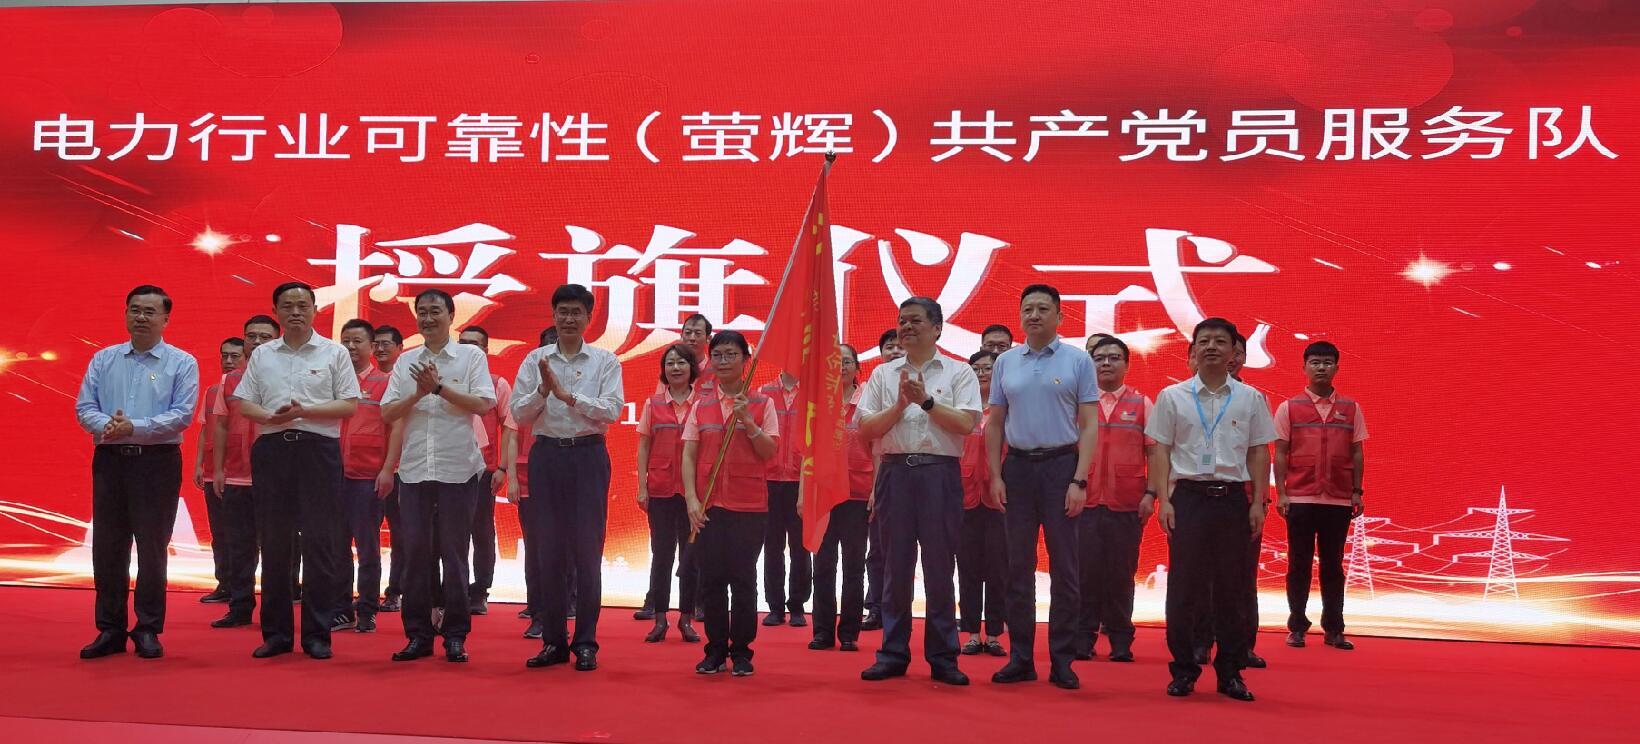 首支电力行业层面的共产党员服务队正式成立